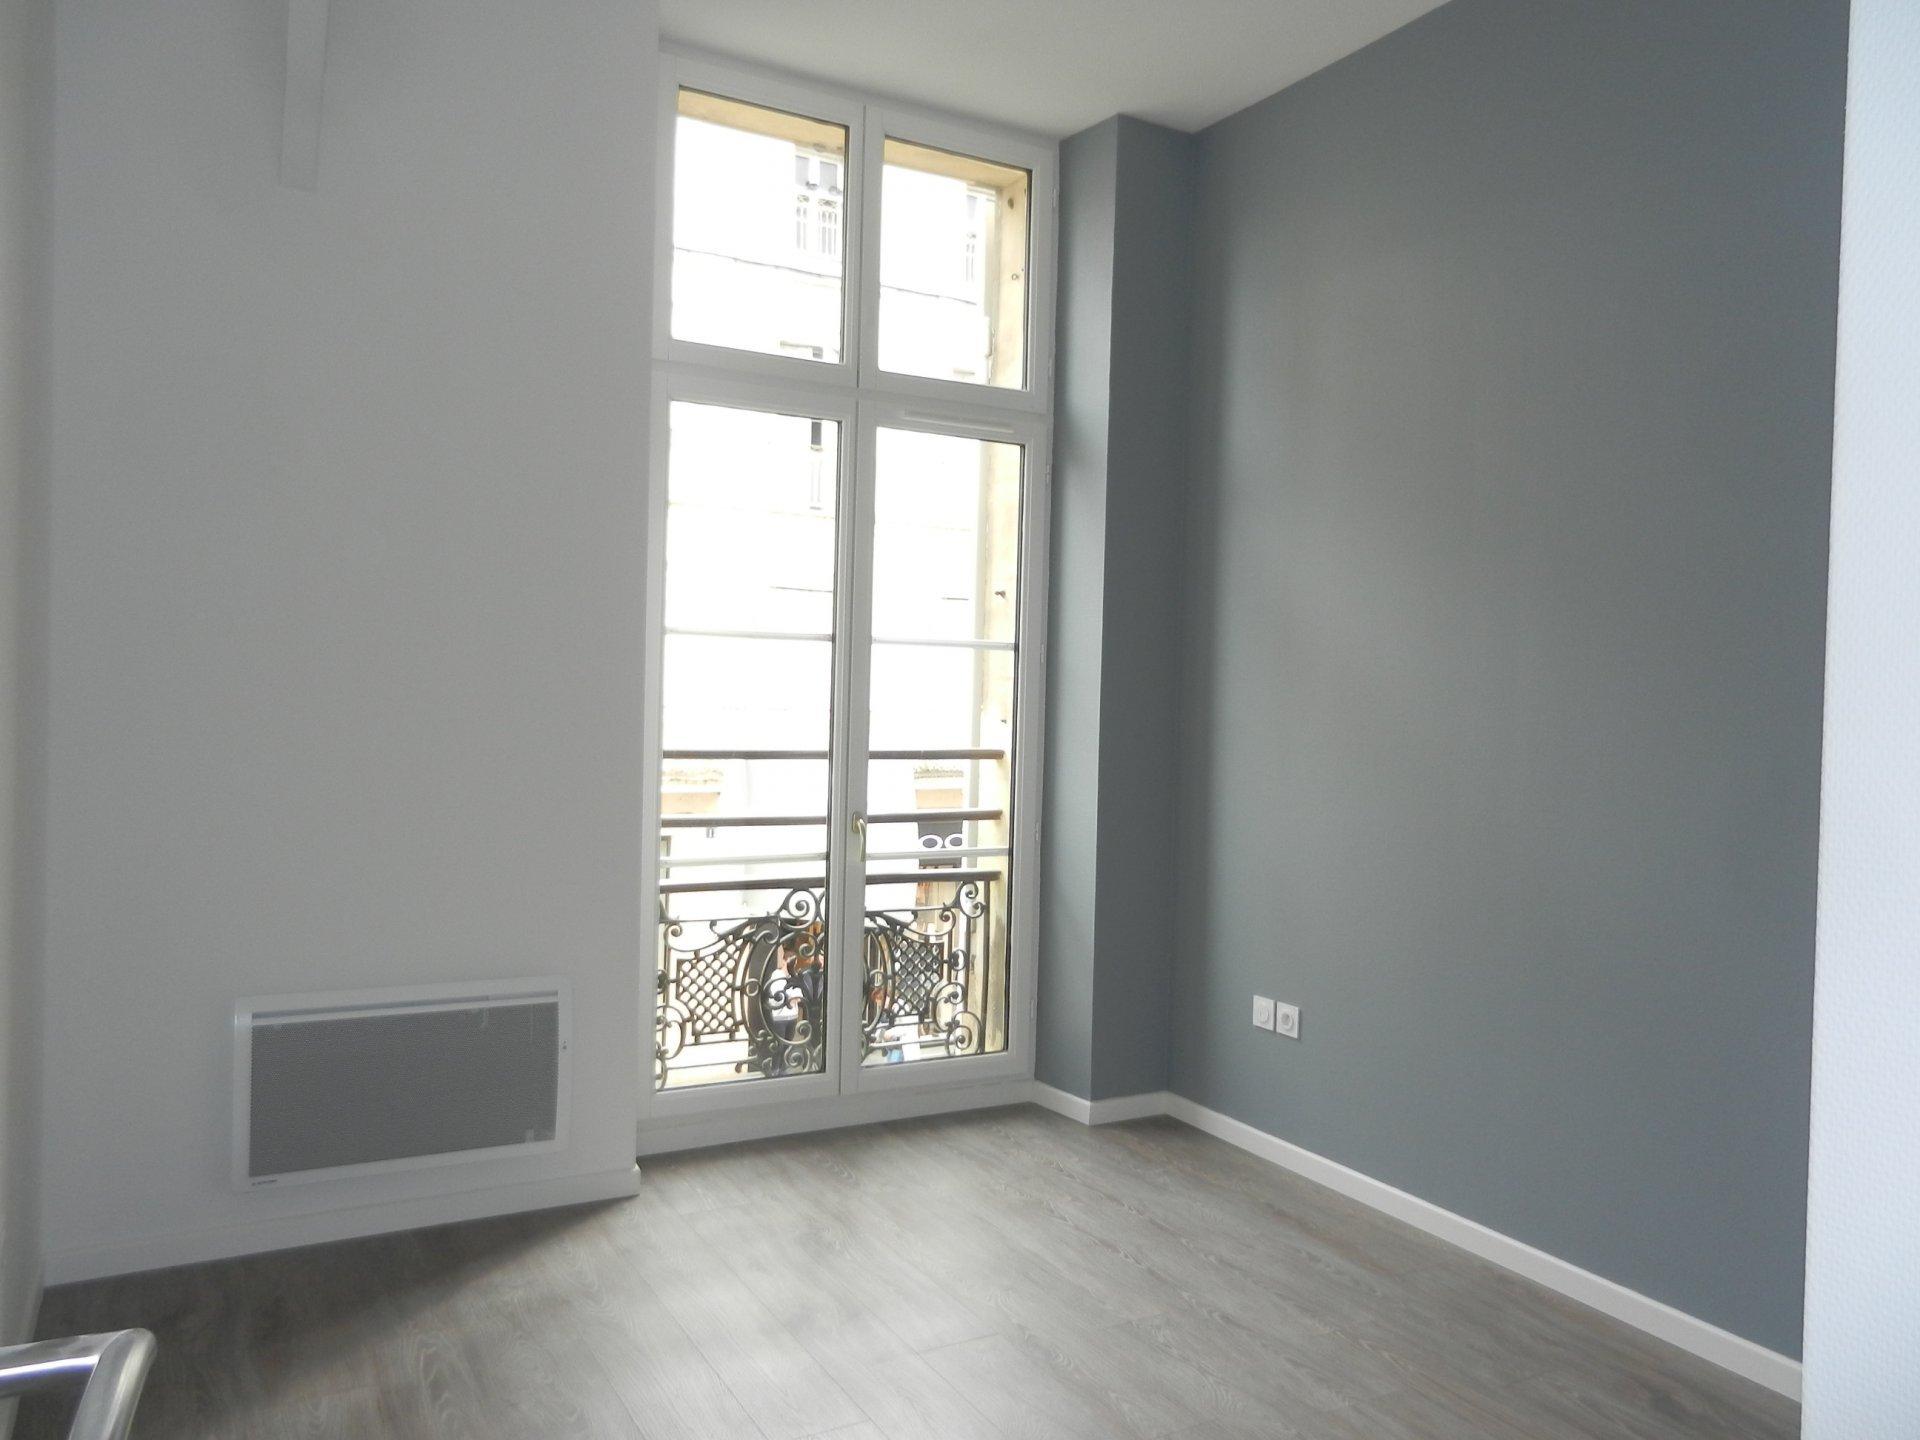 APPARTEMENT T3 de 77 m² NEUF - 1er étage - ASCENSEUR - VISIOPHONE -